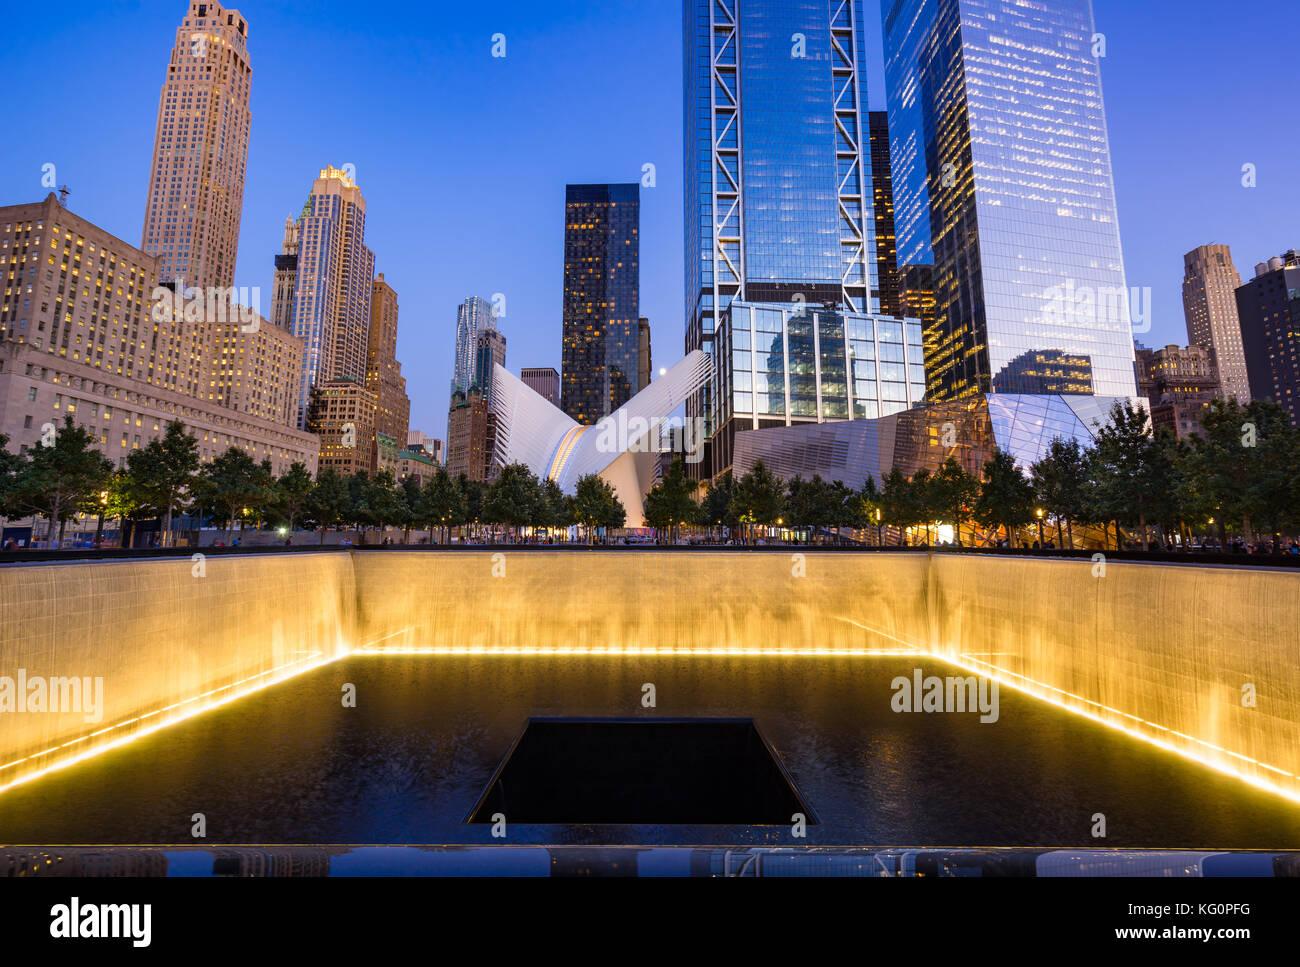 L'Amérique du miroir d'eau au crépuscule lumineux avec vue sur le World Trade Center Tower 3 et Photo Stock